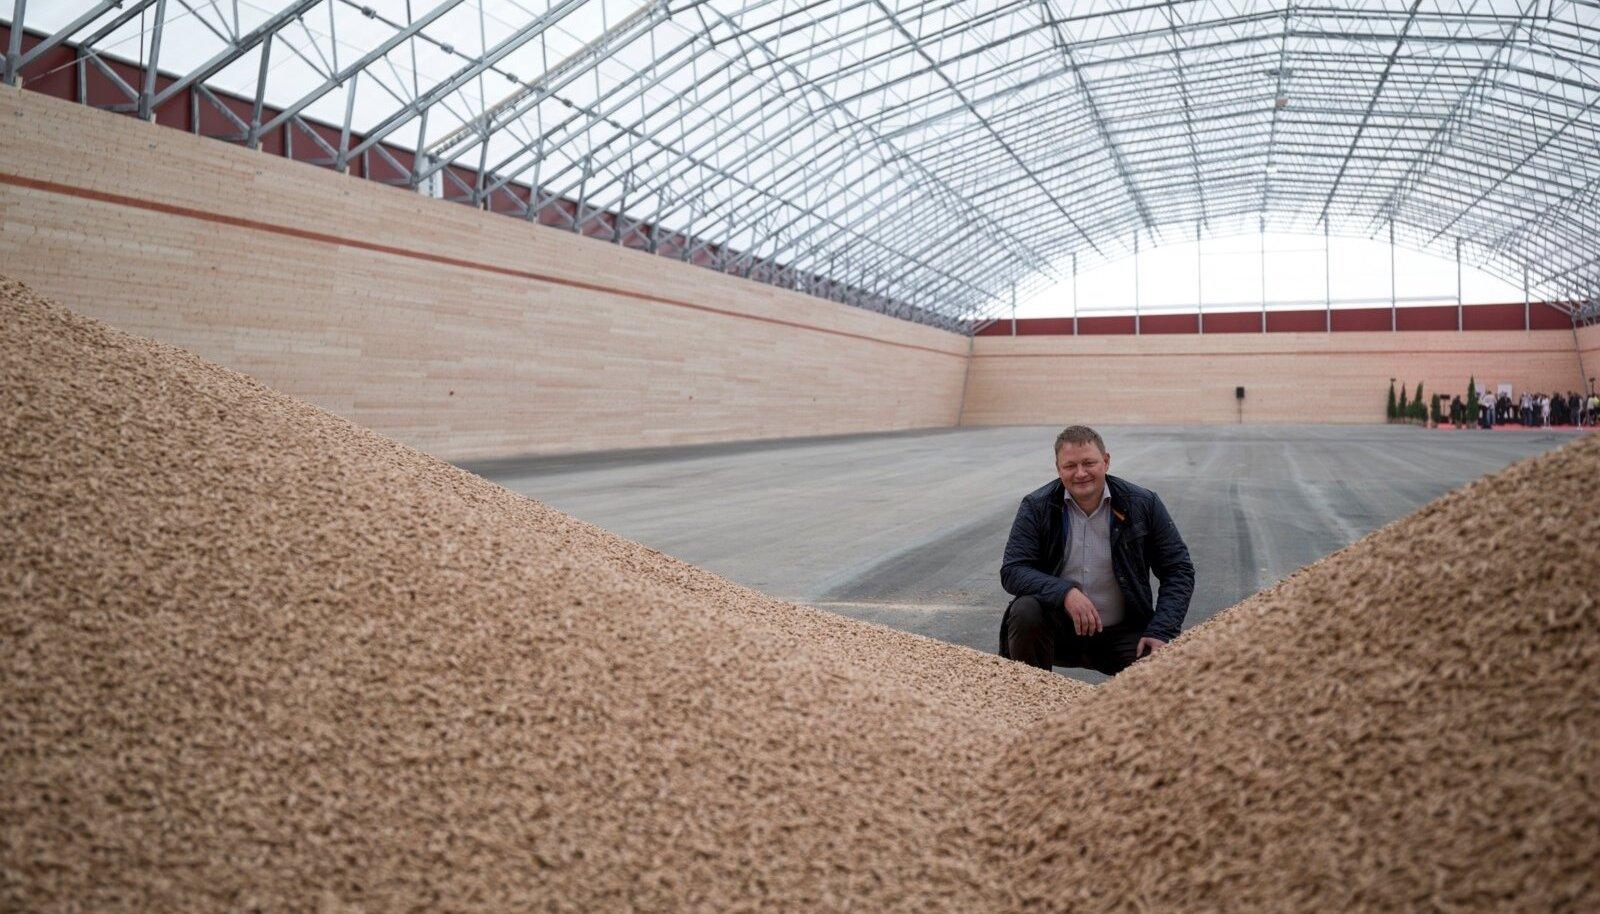 Eesti suurima pelletitootja Graanul Investi omanik Raul Kirjanen